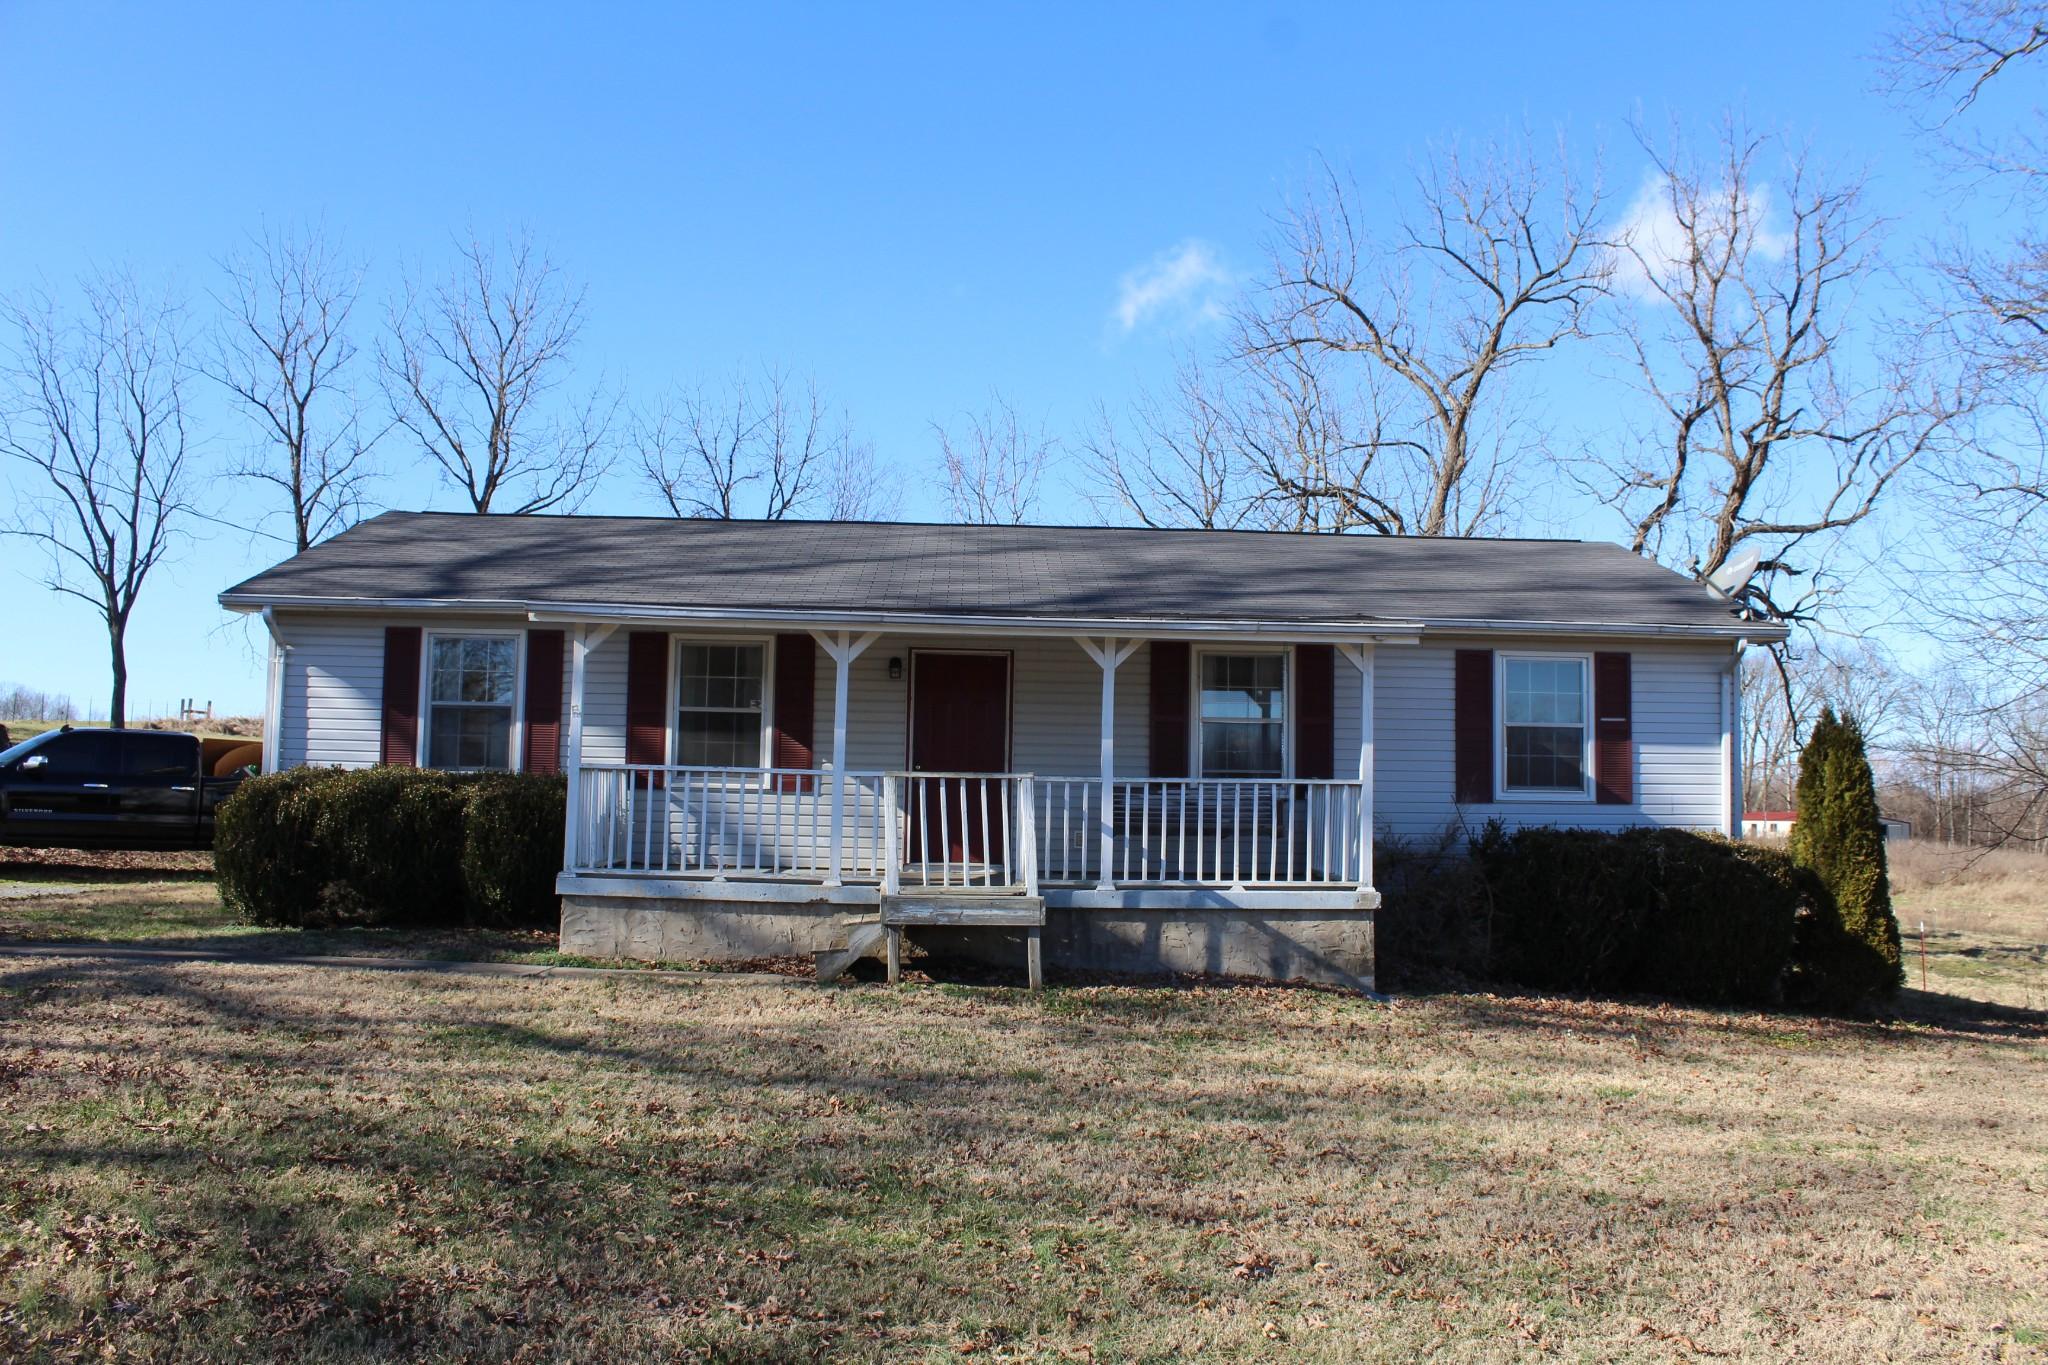 4004 Woodard Rd, Springfield, TN 37172 - Springfield, TN real estate listing